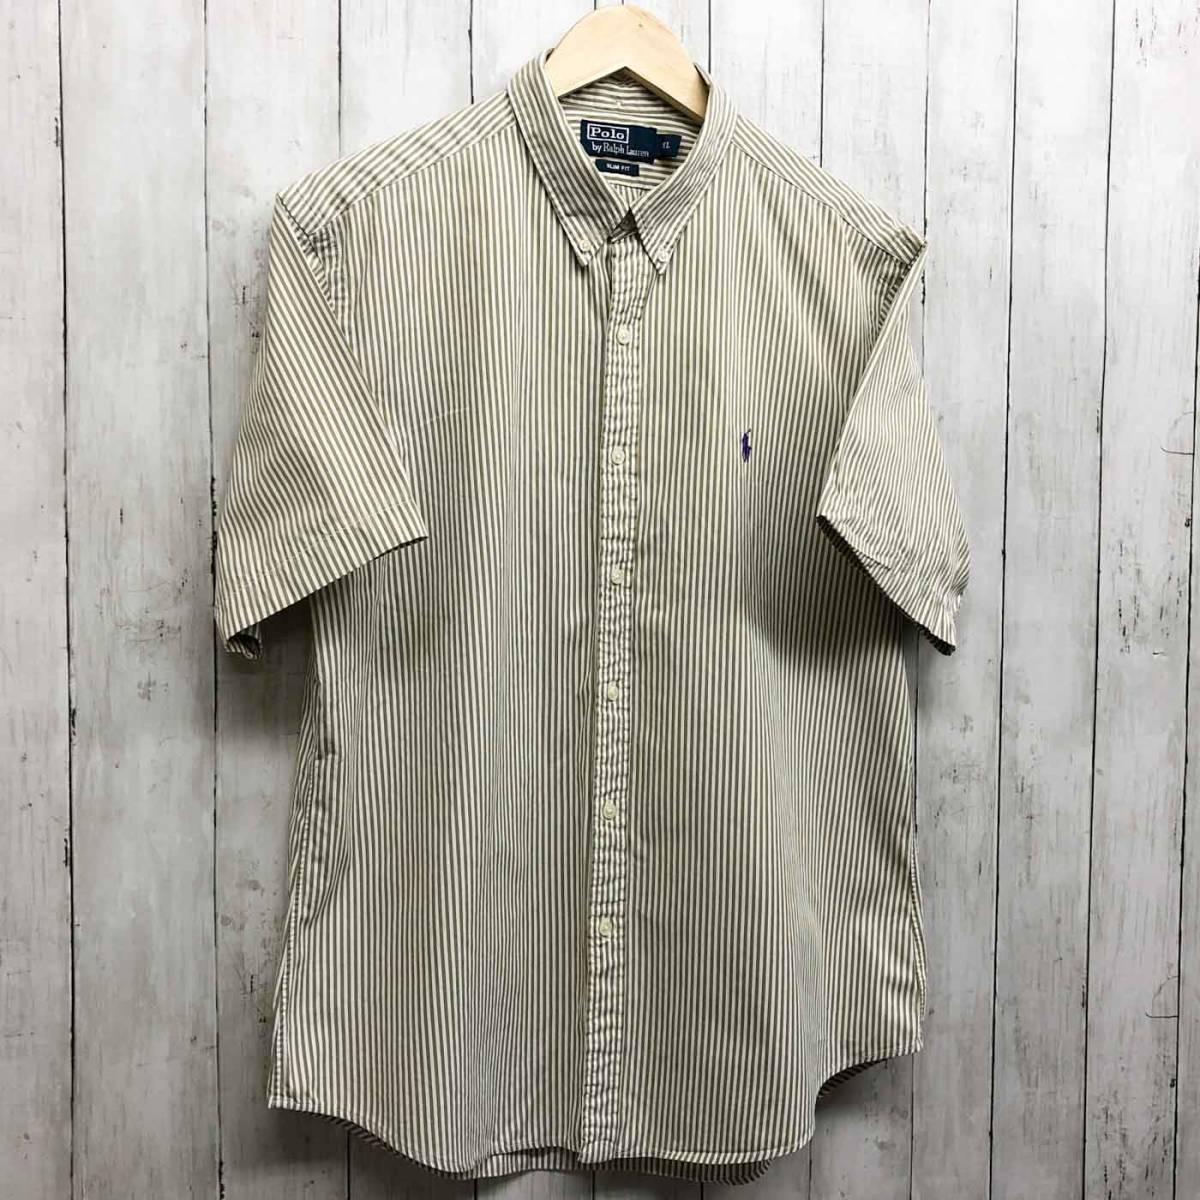 ラルフローレン POLO Ralph Lauren Polo 半袖シャツ メンズ ワンポイント XLサイズ 7-184_画像3